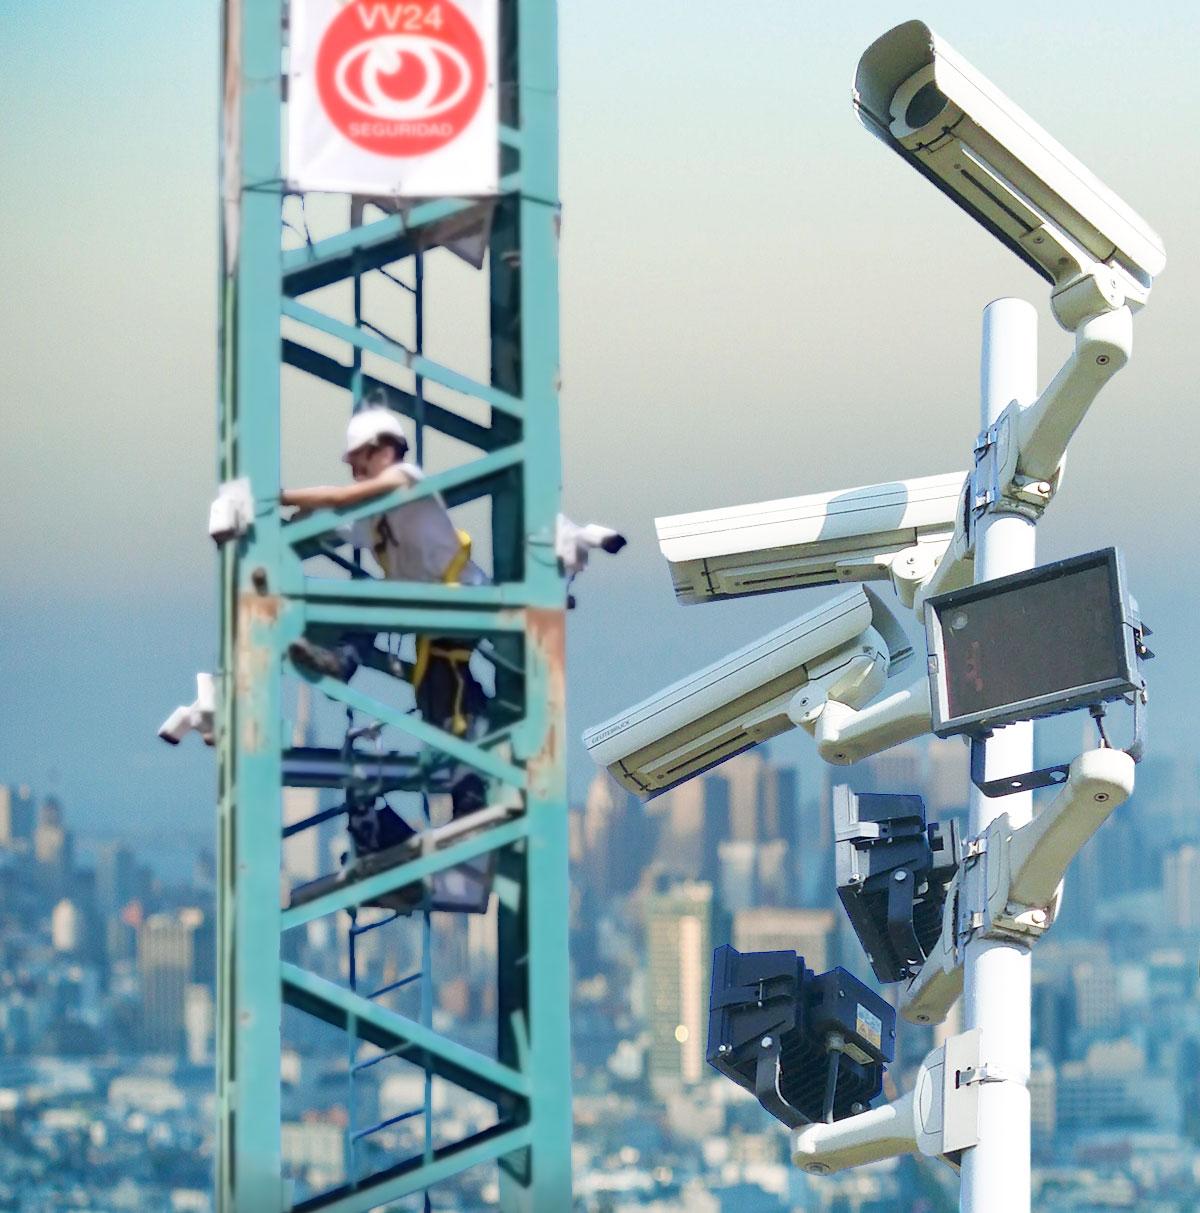 Instalacion de sistemas de video vigilancia